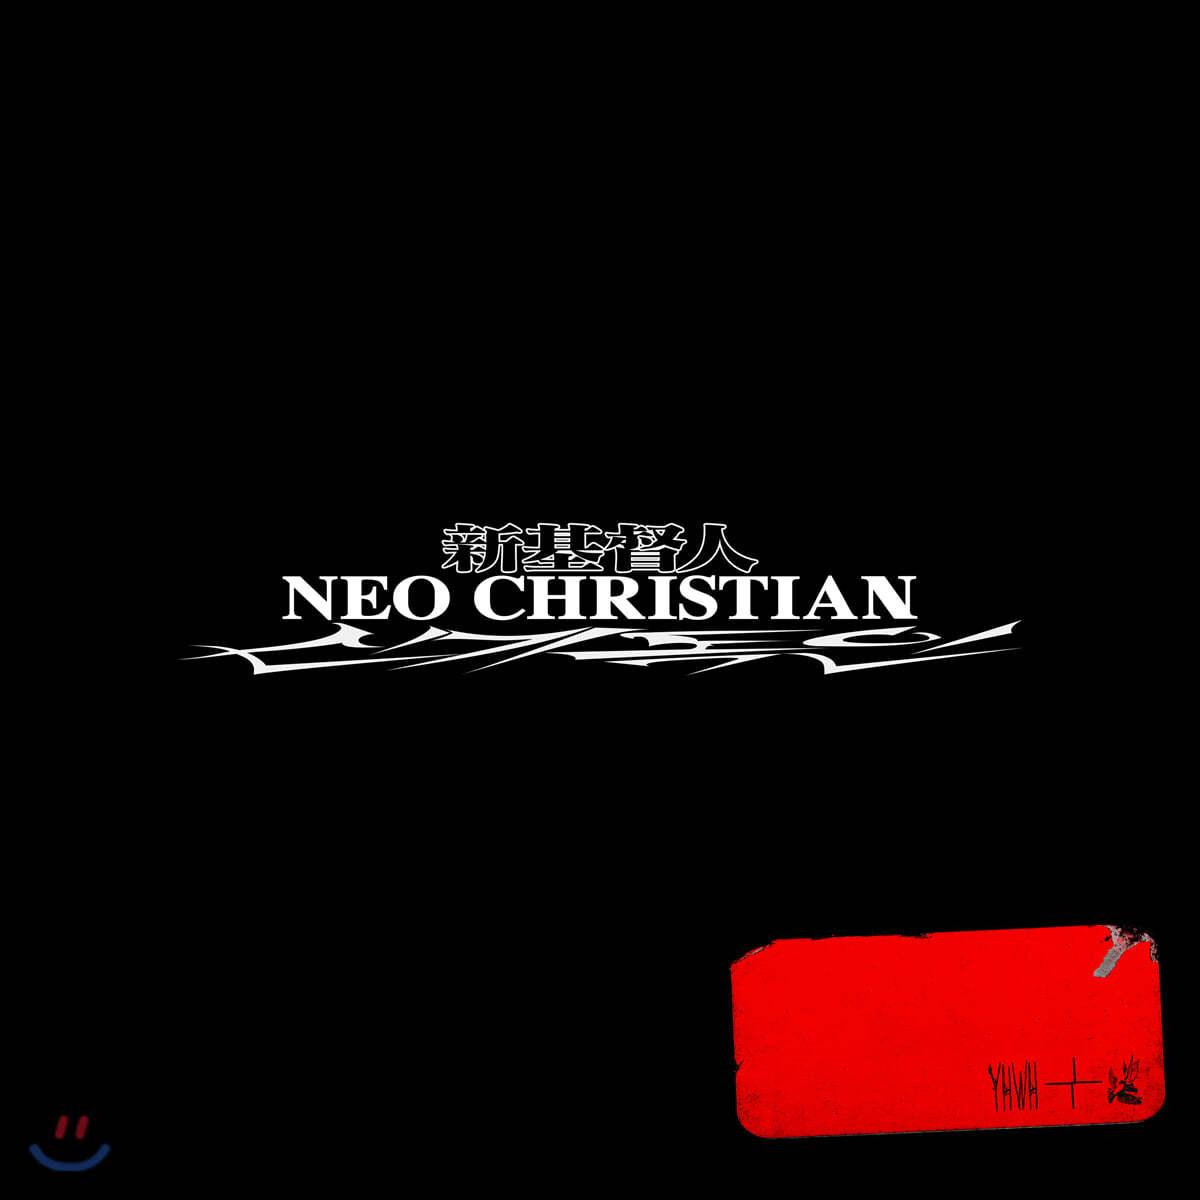 비와이 (BewhY), 심바 자와디 (Simba Zawadi) - NEO CHRISTIAN